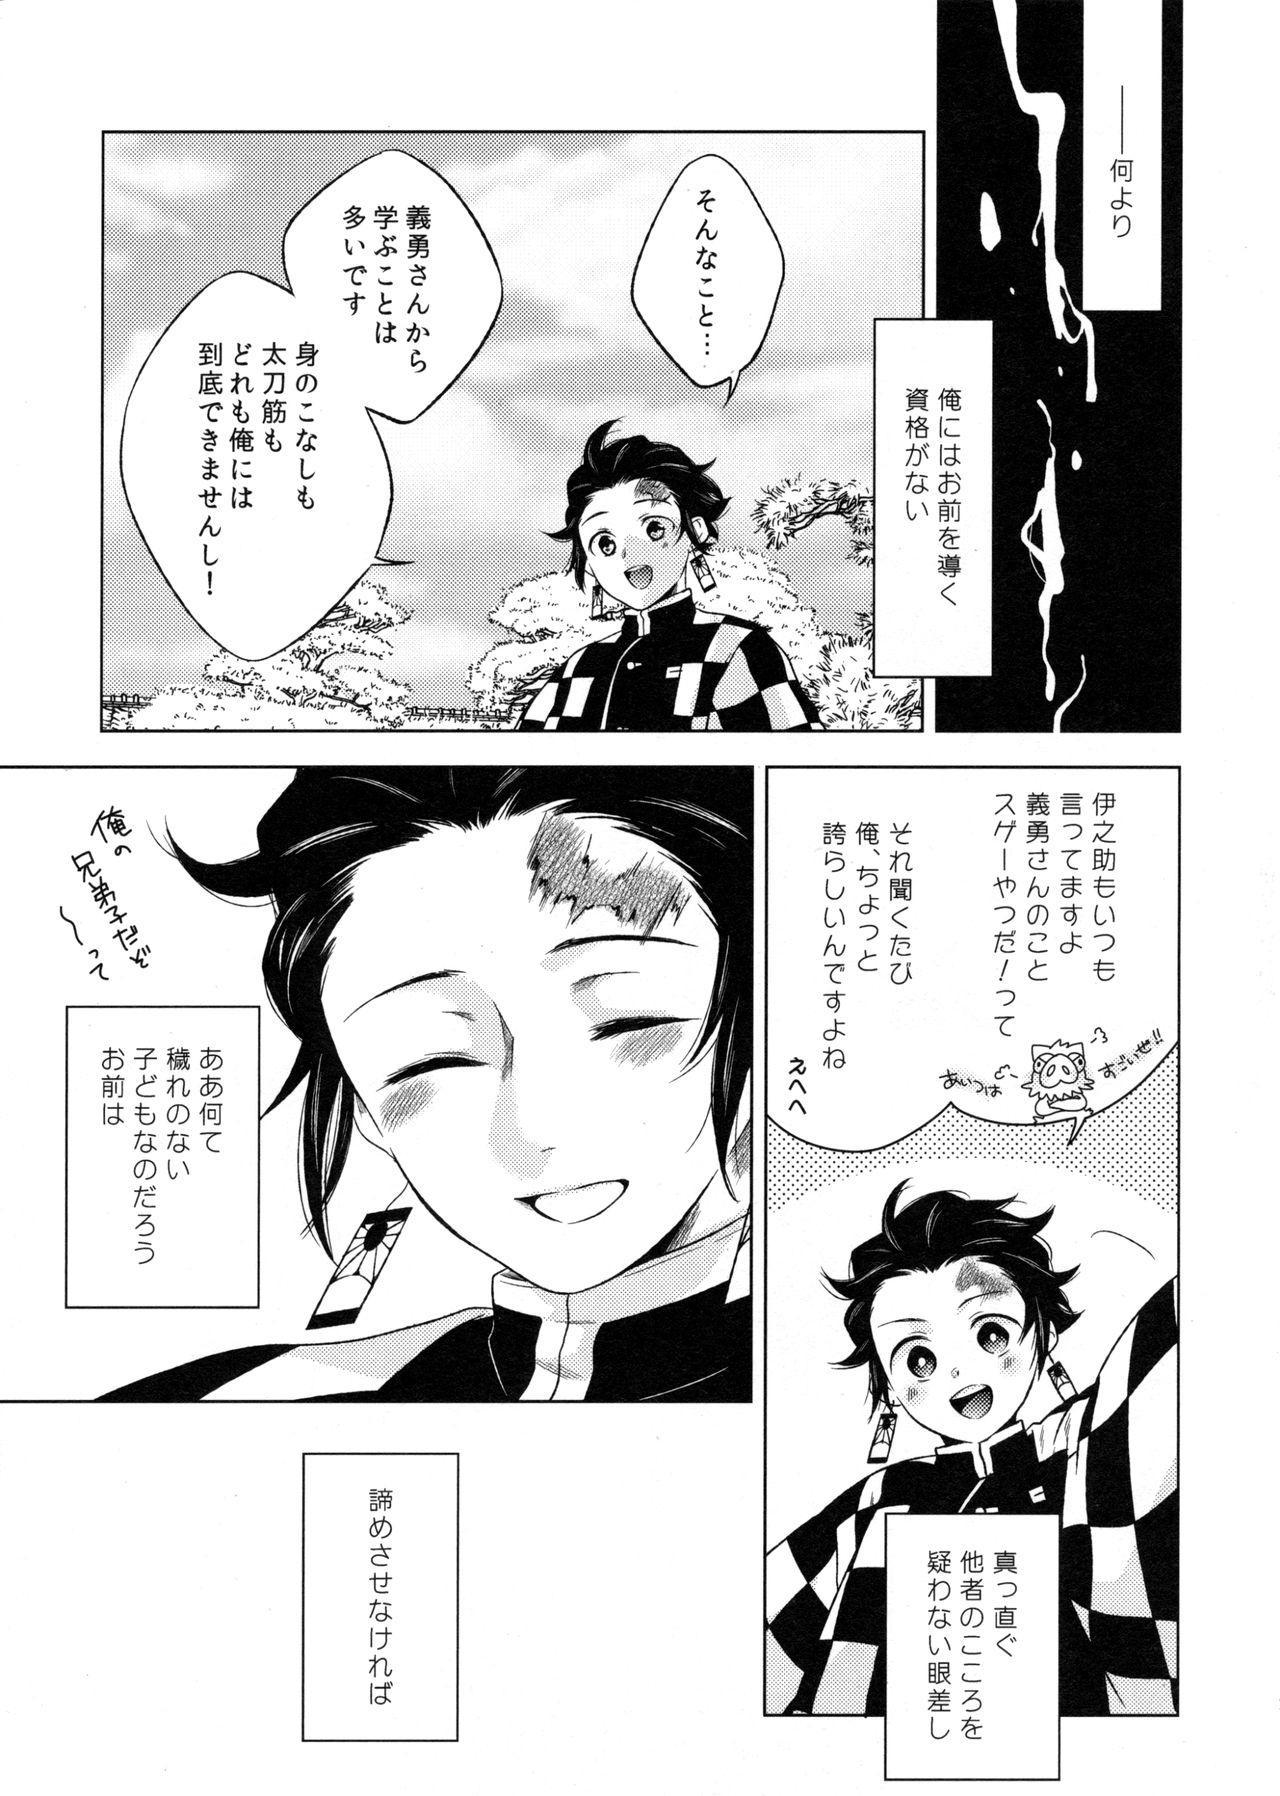 Sonzai suru Ningen no Kodoku to, Sonzai shinai Eien 9